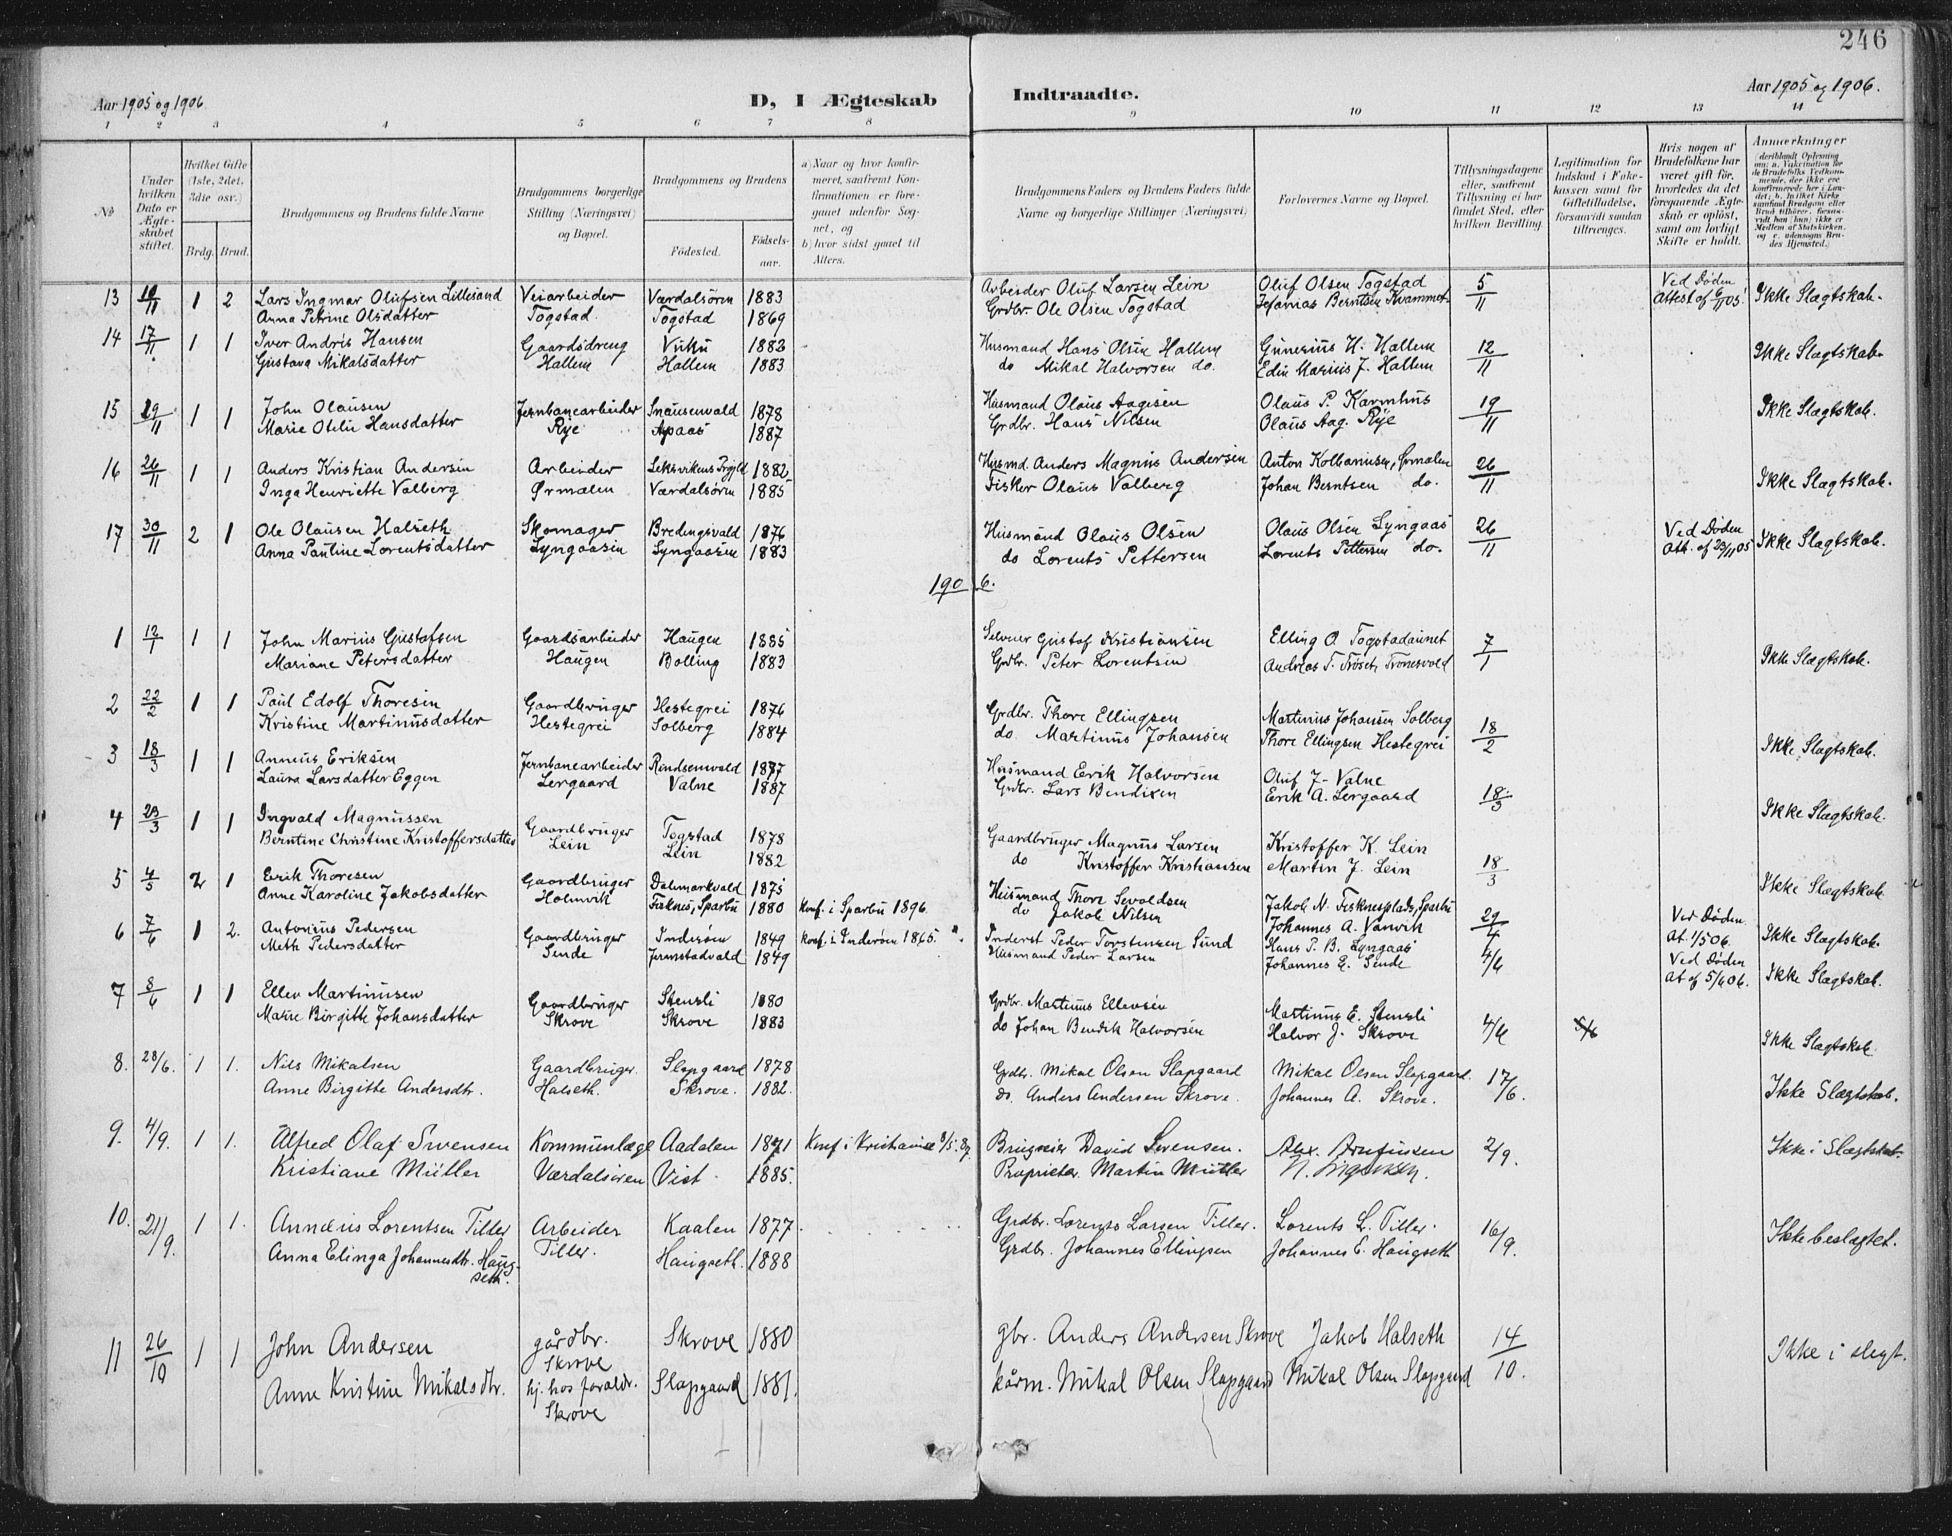 SAT, Ministerialprotokoller, klokkerbøker og fødselsregistre - Nord-Trøndelag, 723/L0246: Ministerialbok nr. 723A15, 1900-1917, s. 246